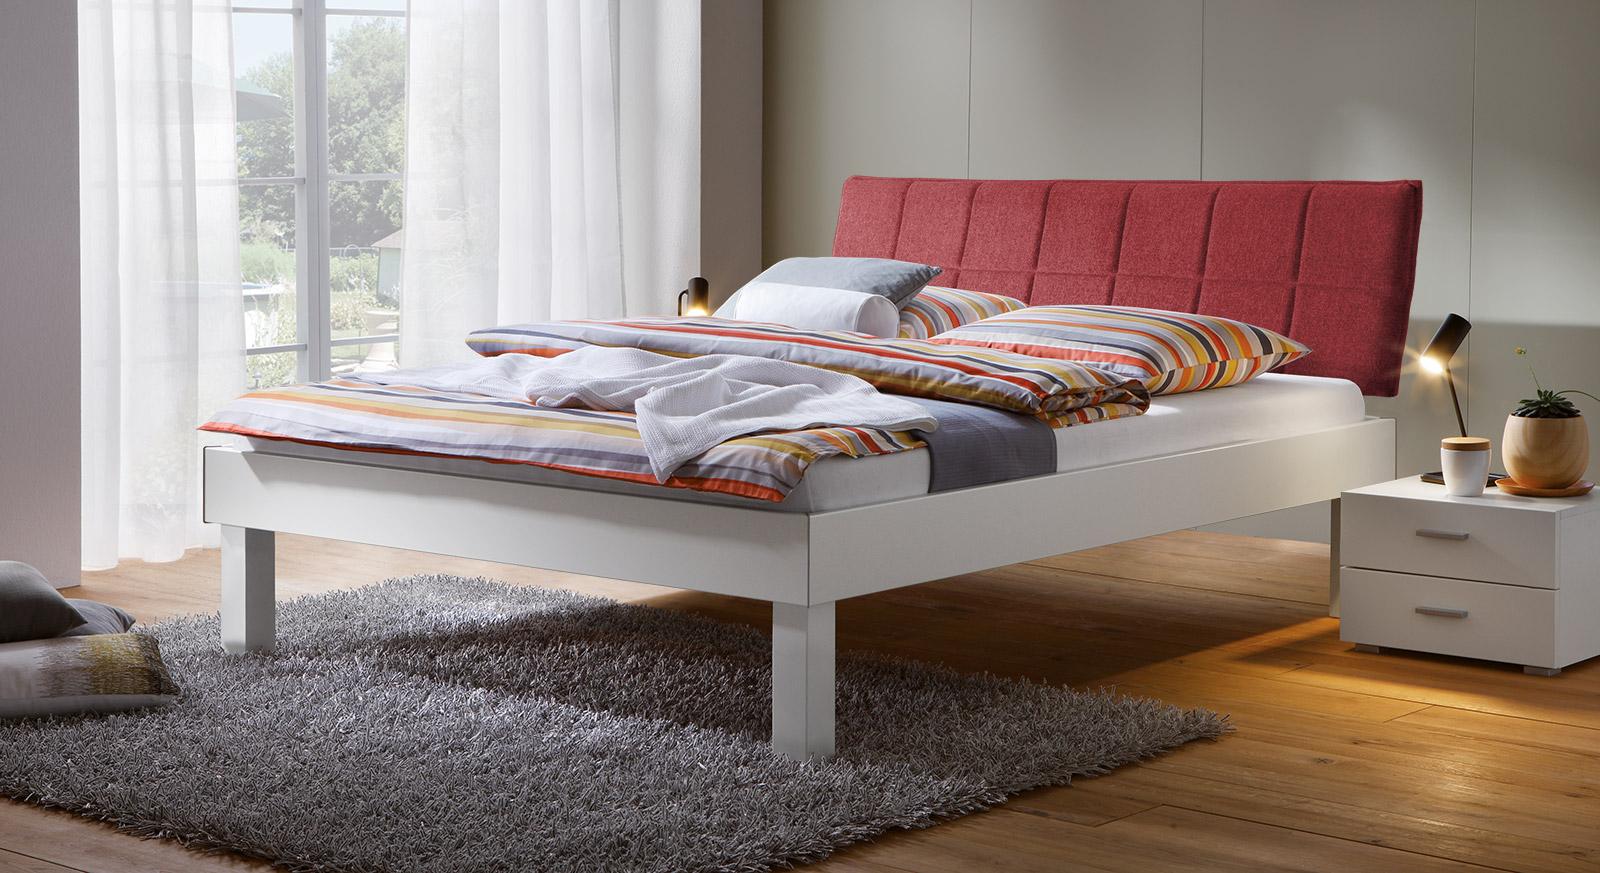 Bett Sierra mit 30cm Fußhöhe und Kopfteil in Rot